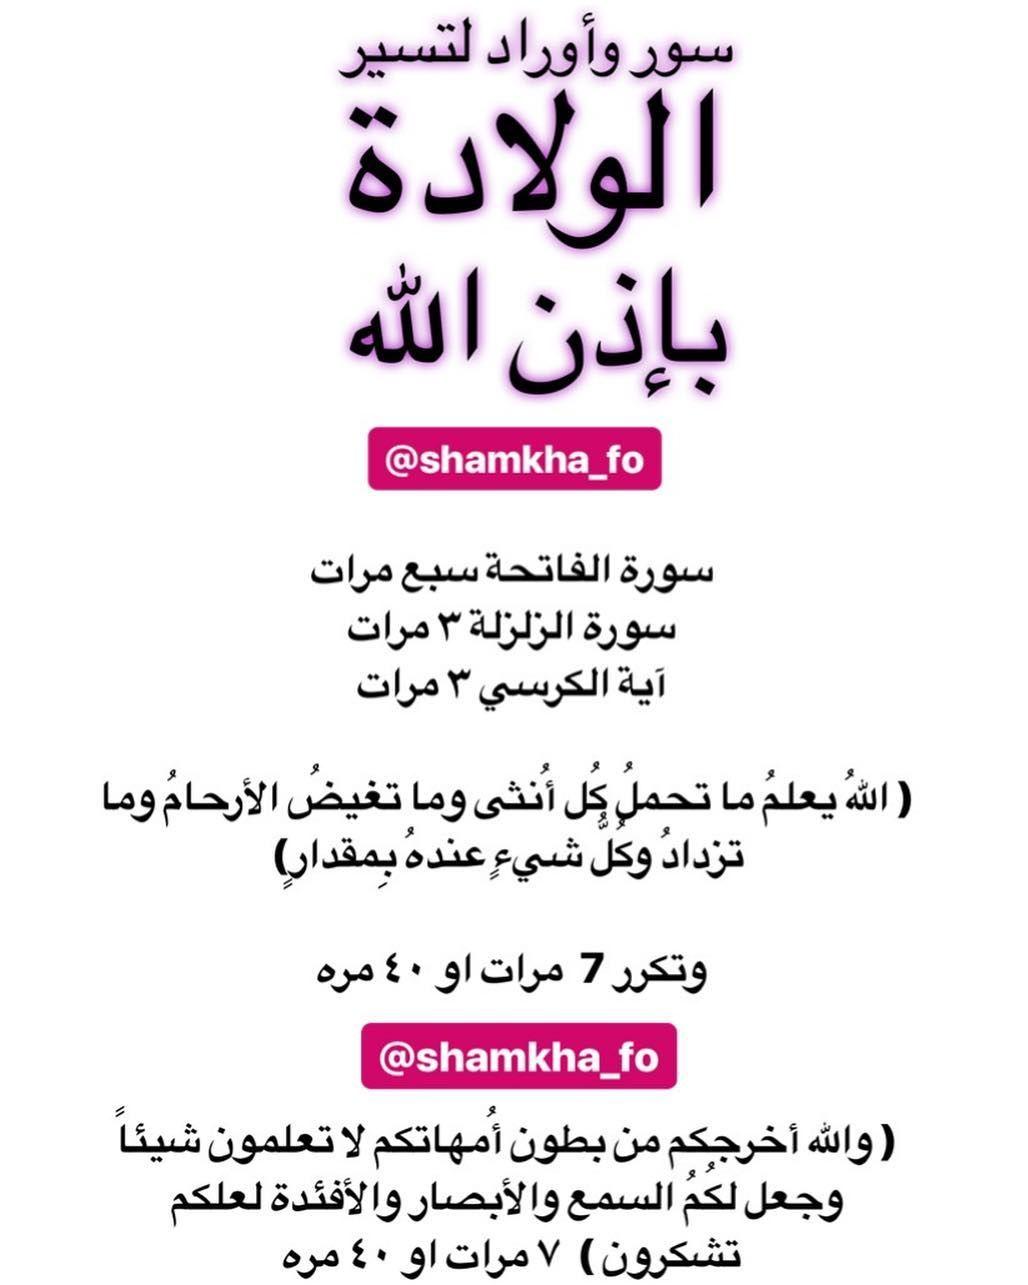 سور وايات لتسير الولادة انشروها للي على ولادة الله ييسرها ويرزق المتأخرات ب Islamic Phrases Islam Facts Quran Verses